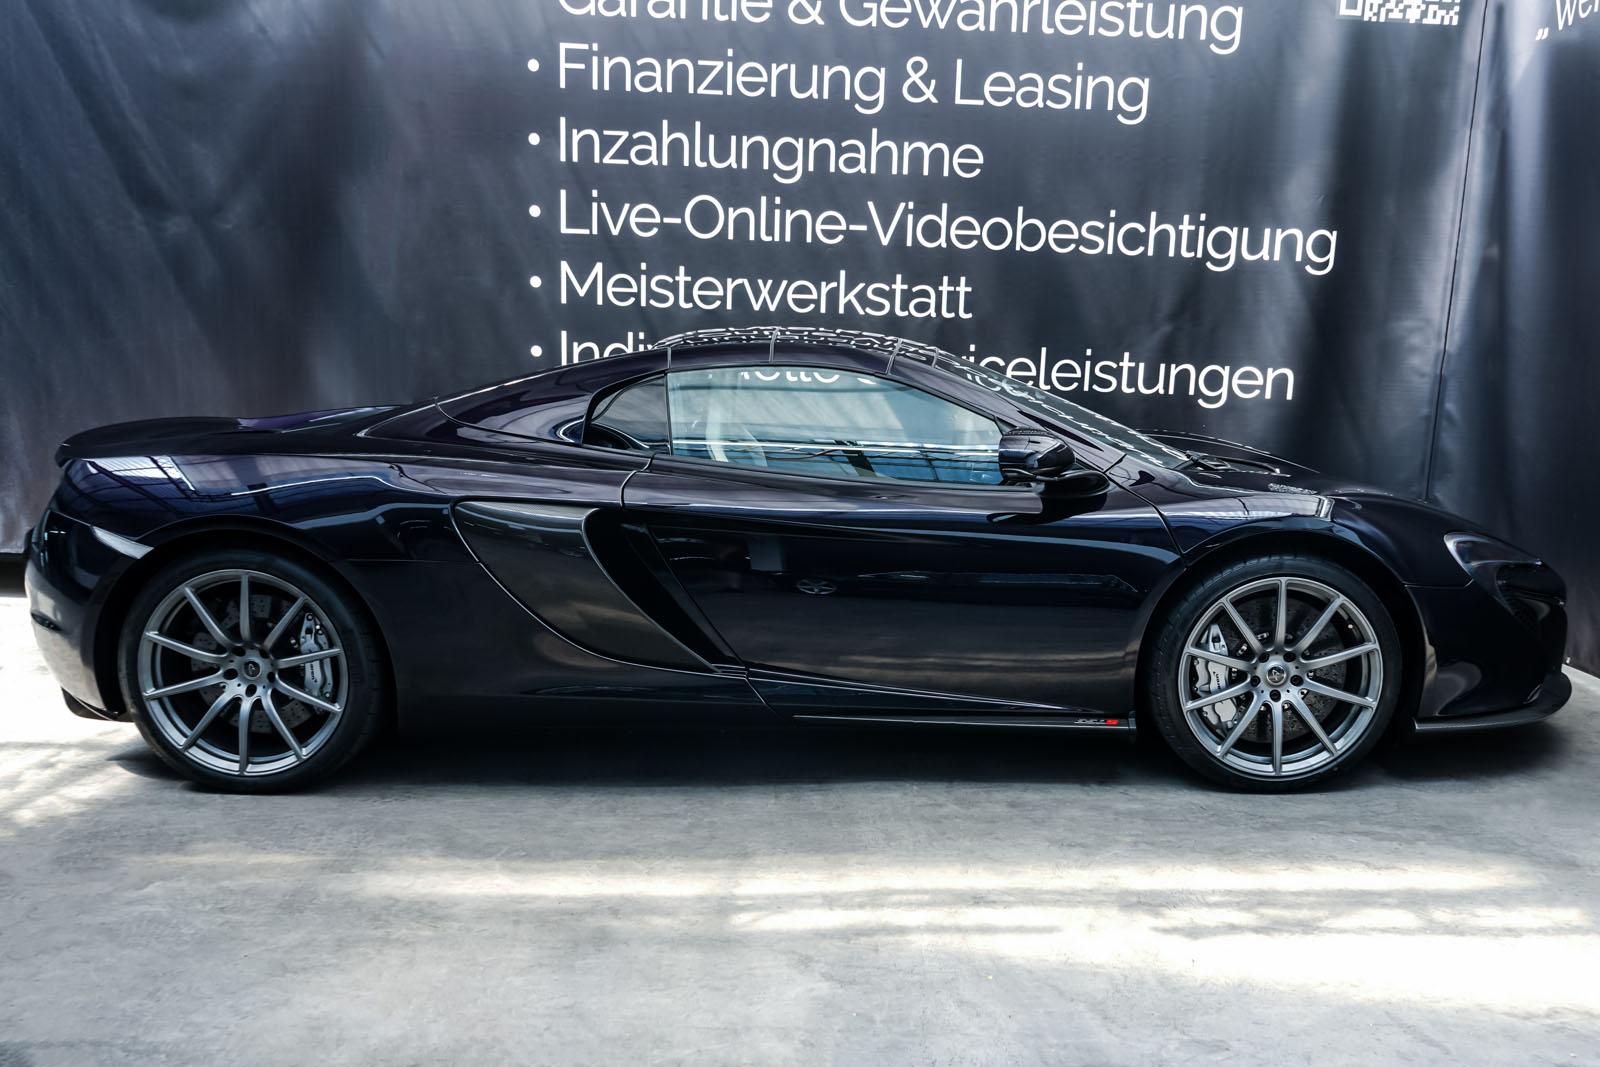 McLaren_650S_Spider_Schwarz_Weiß_MCL-6007_22_w